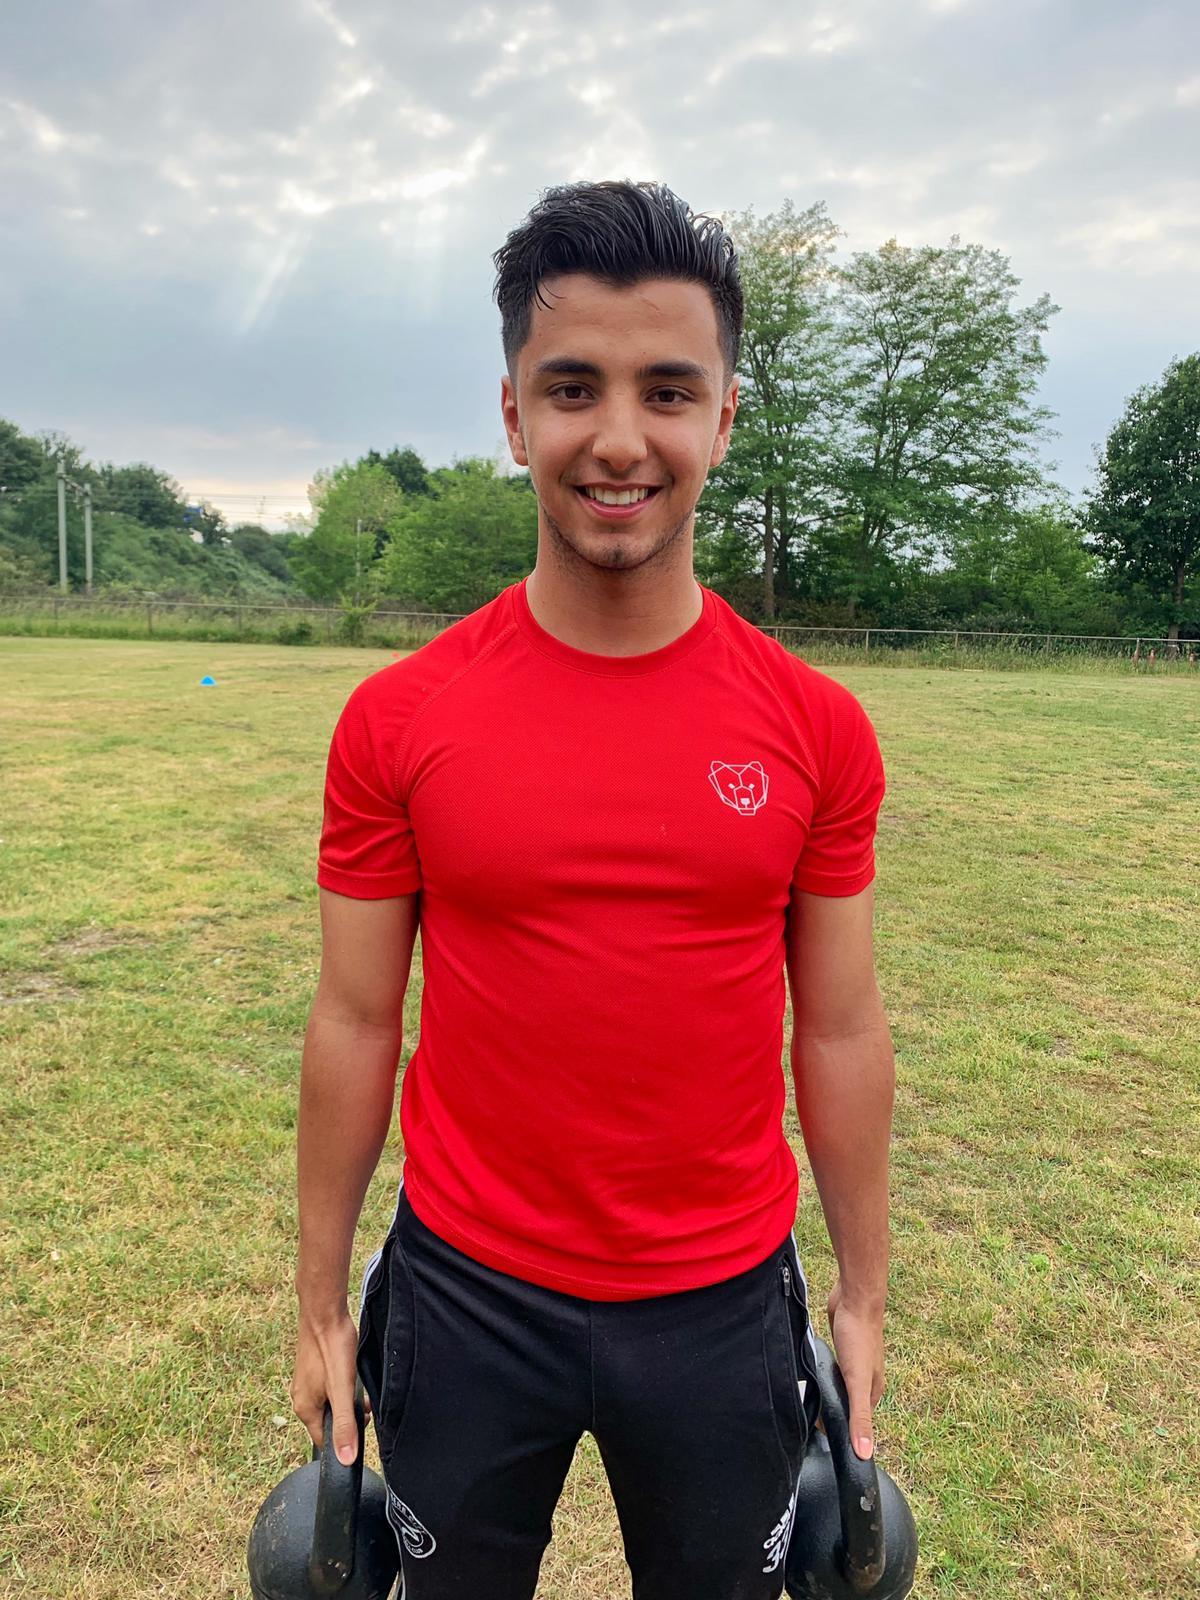 Mohammed Zekhnini